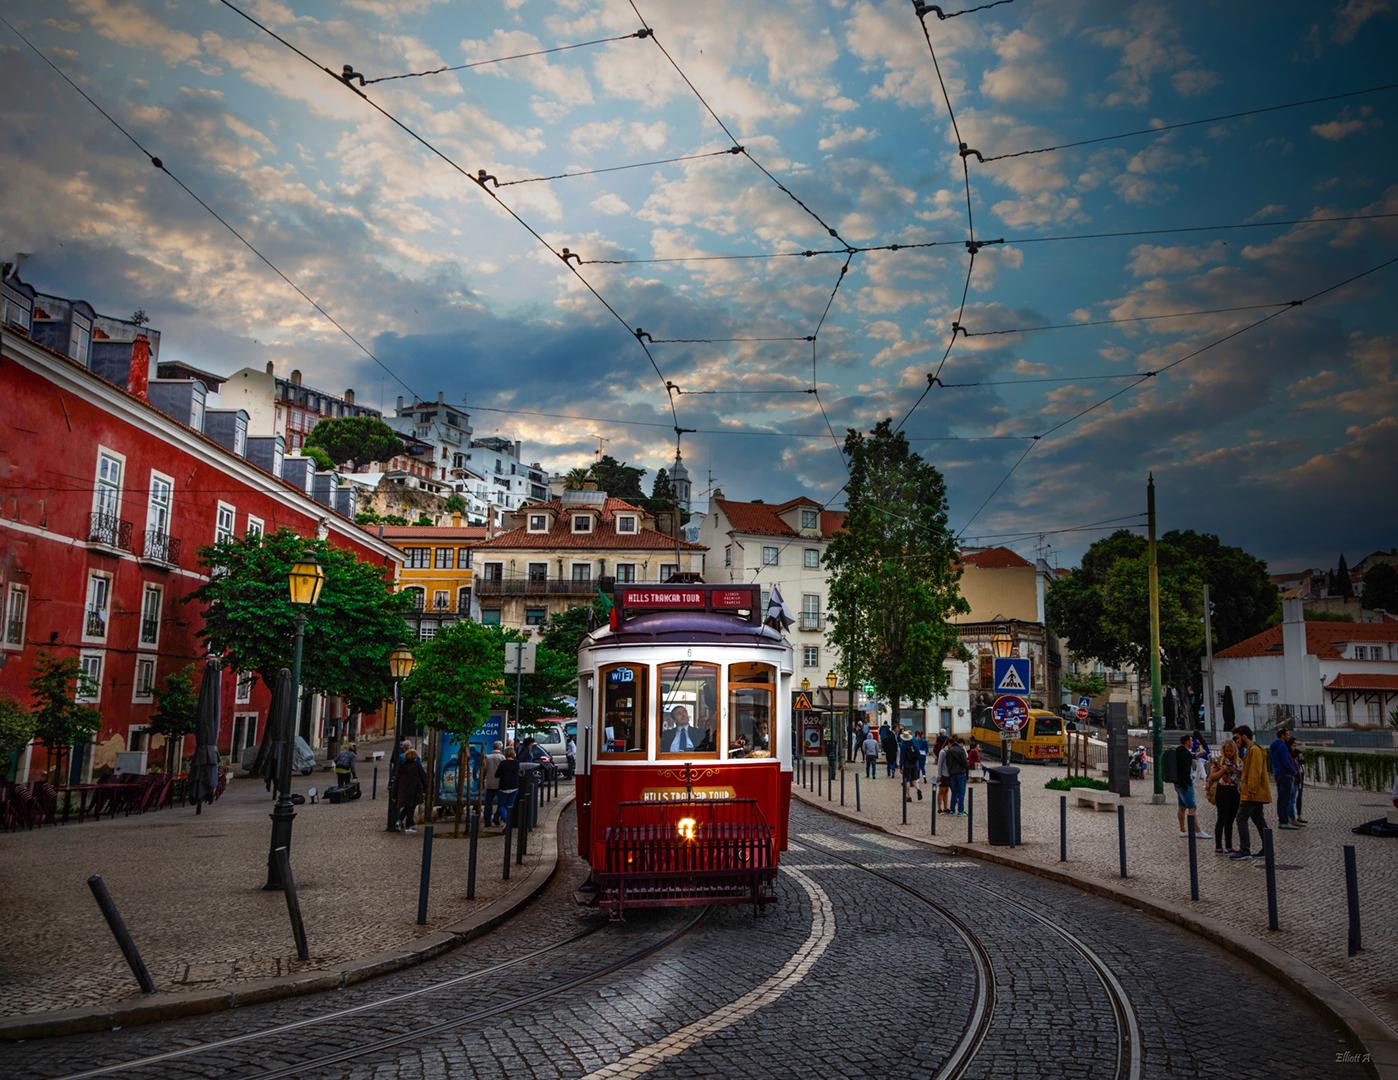 Club photo LaSalle_Le tram du quartier Alfama, Lisbonne_Alain Elliott